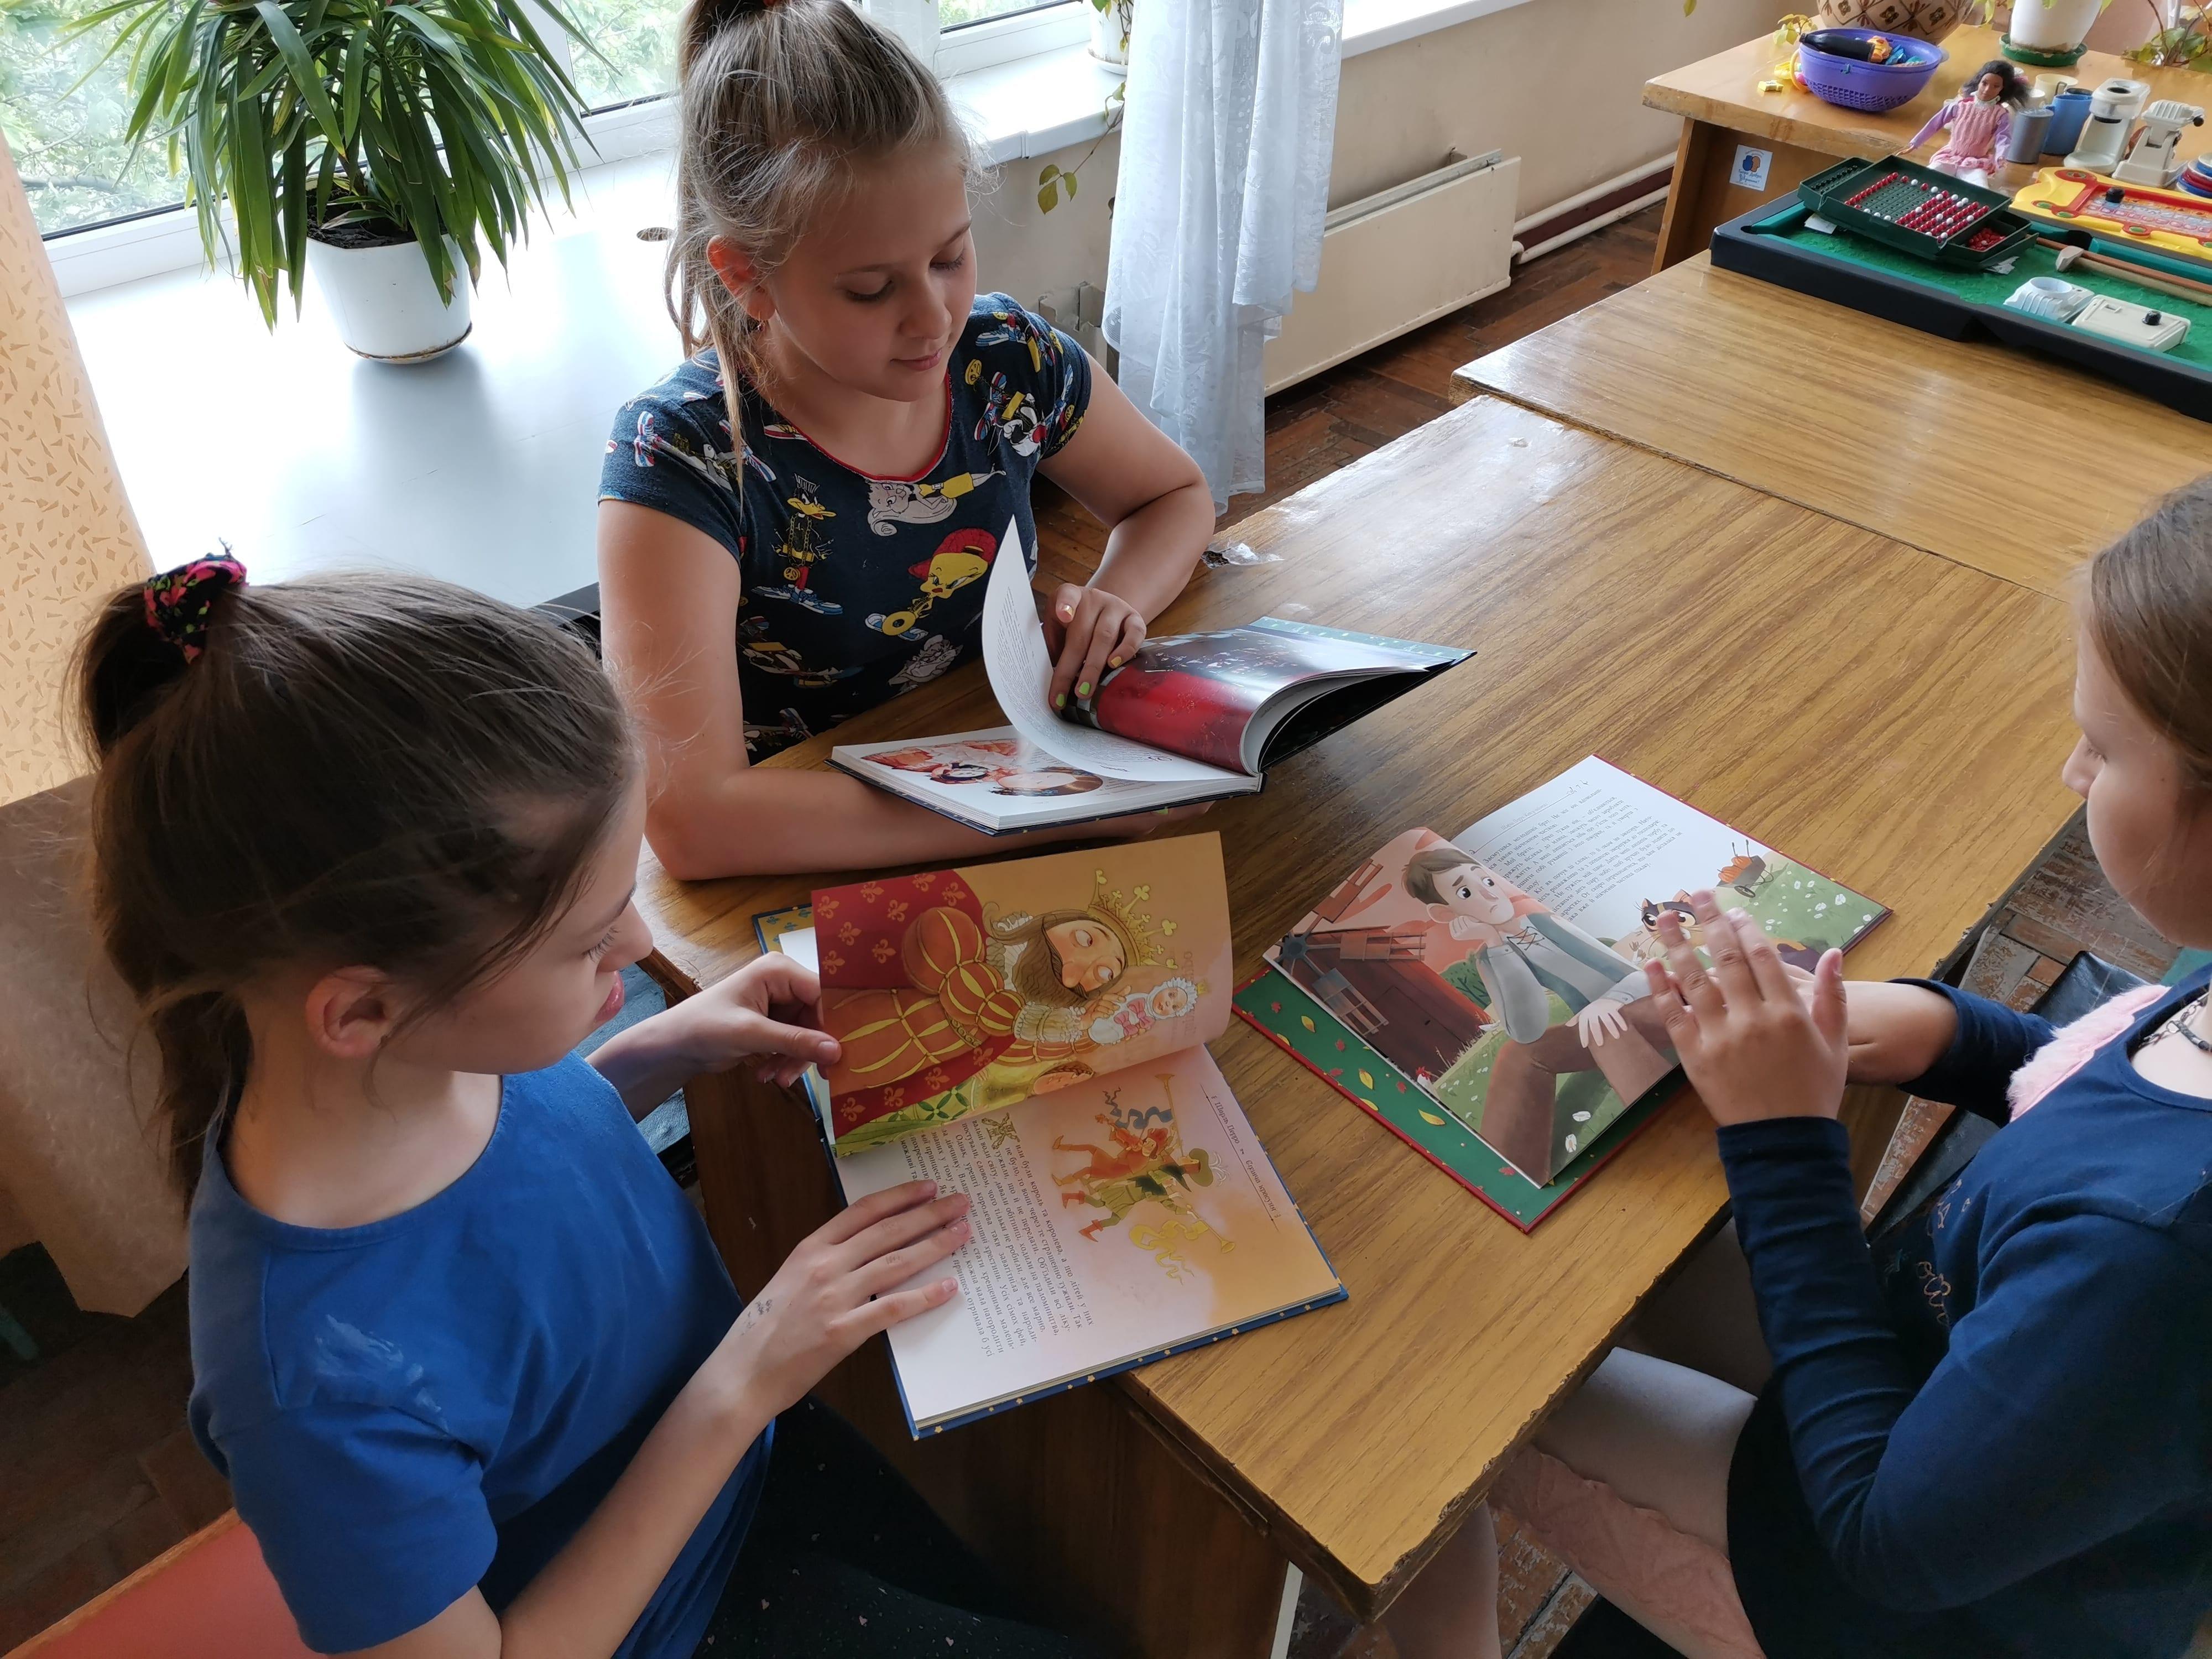 Казкові книжки для пацієнтів лікарні Міська дитяча лікарня №5 детская больница Запорожье